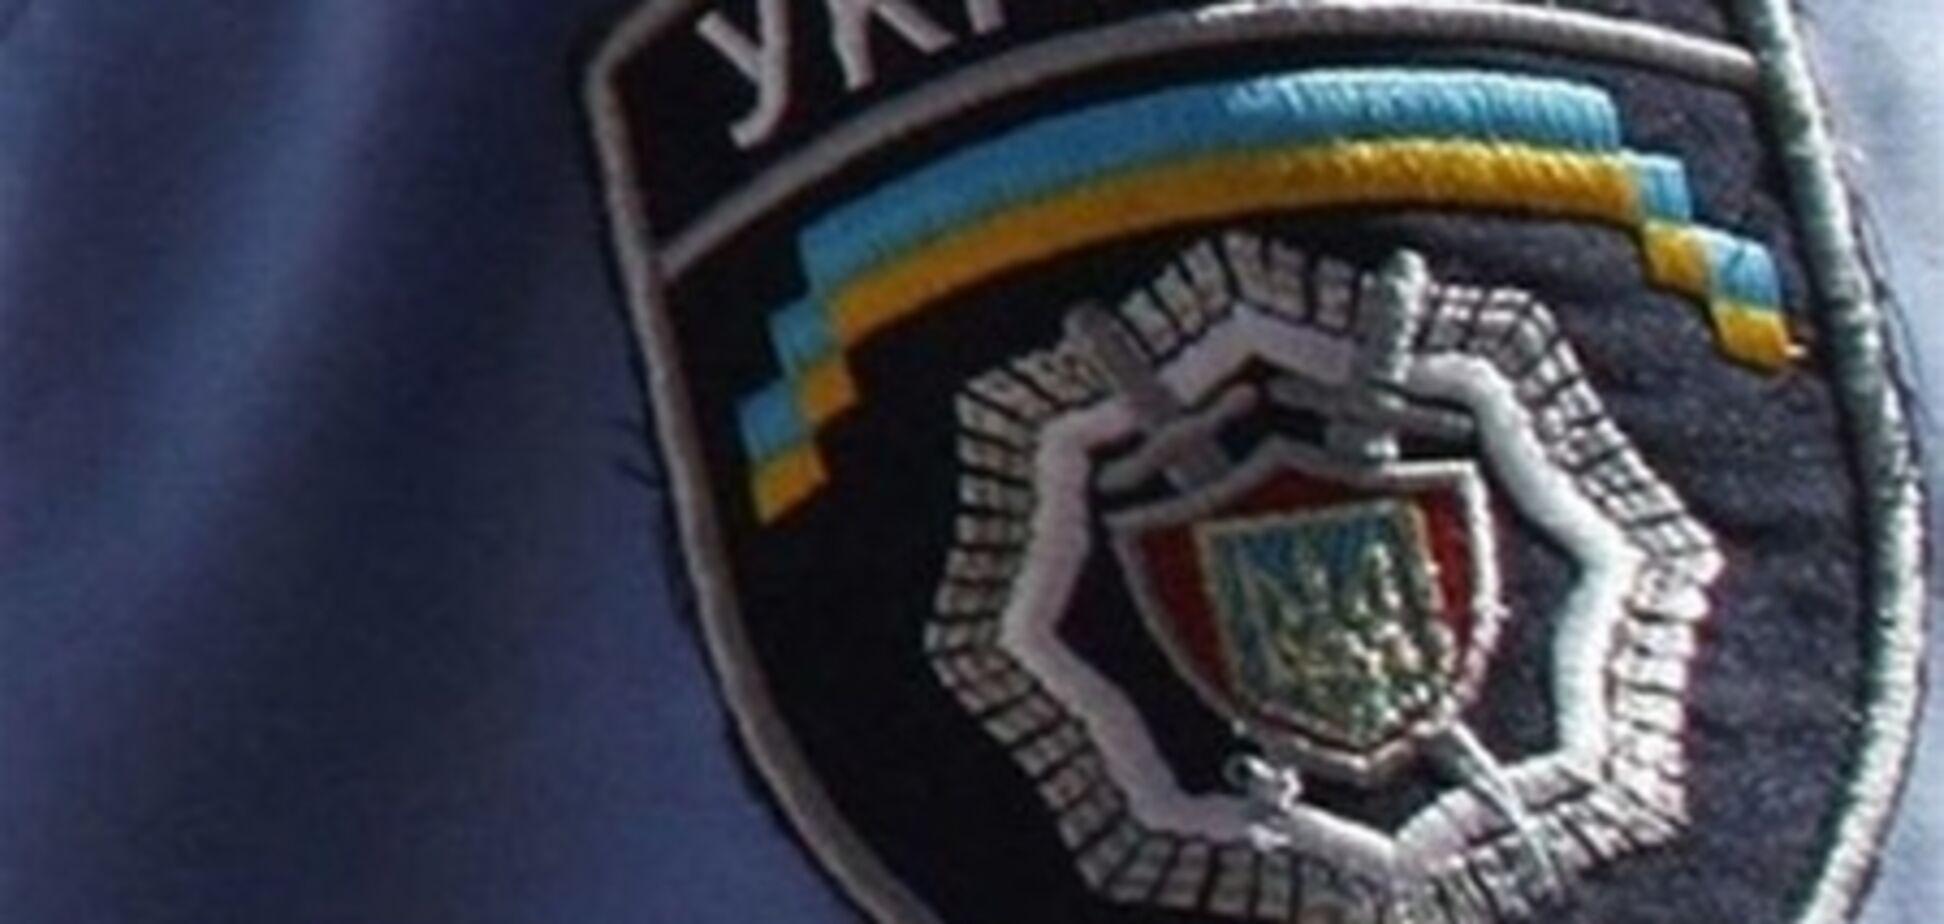 На Львівщині пограбували банк майже на 400 тисяч грн - ЗМІ